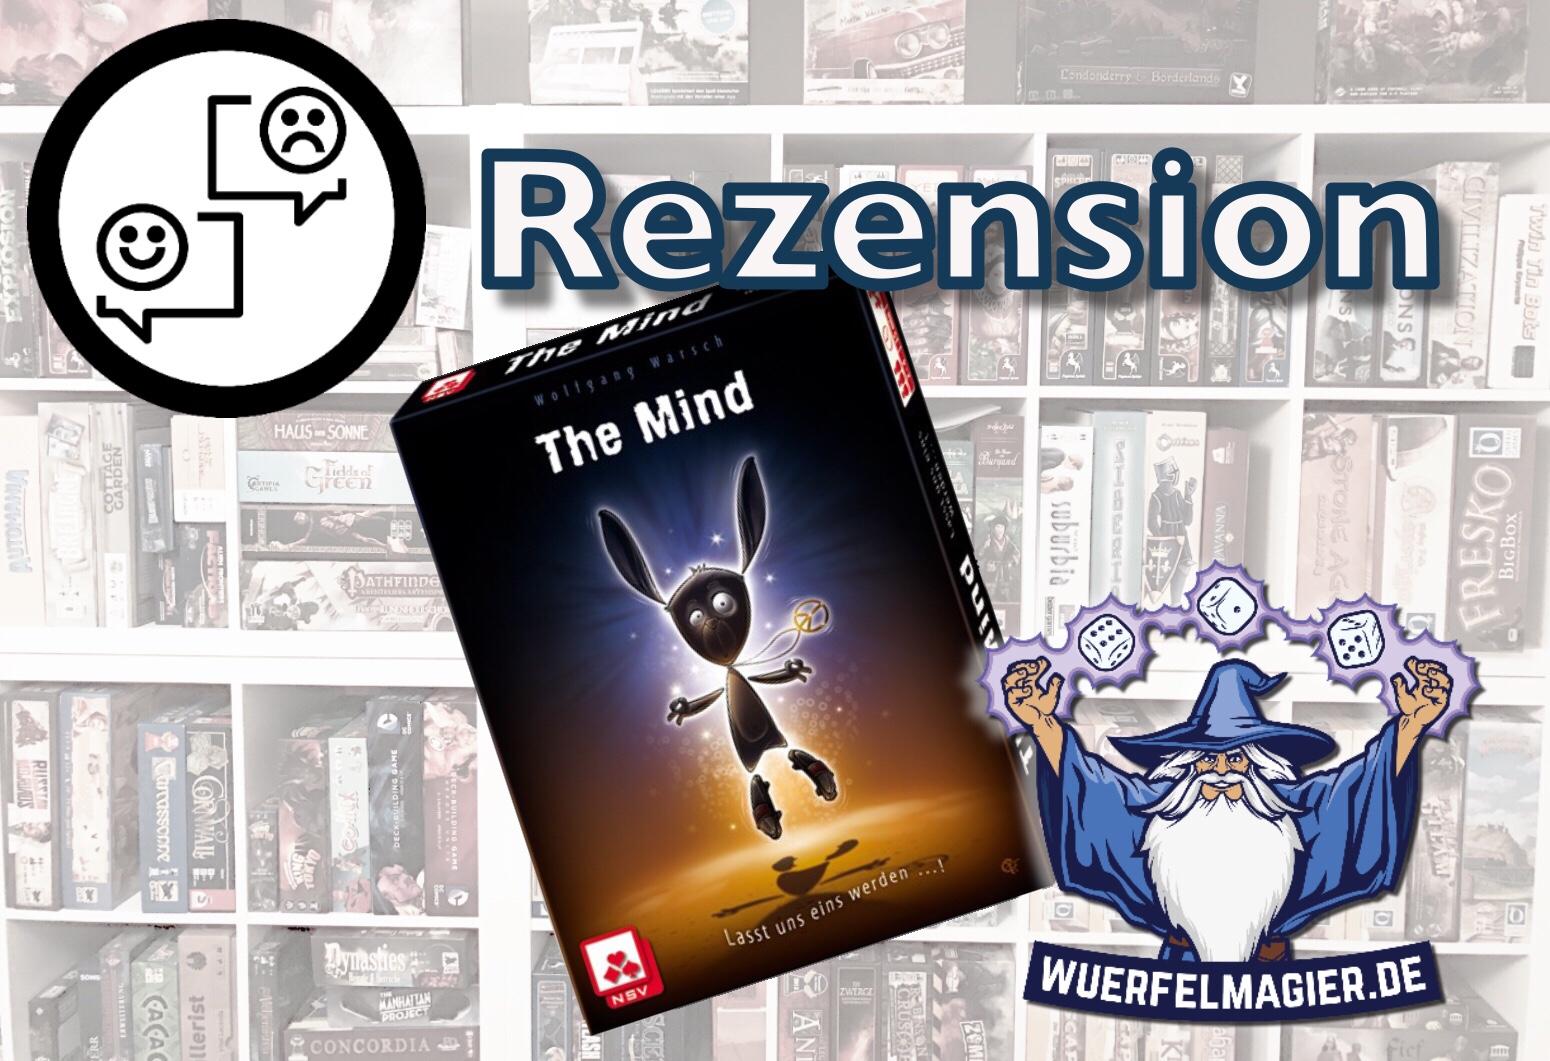 The Mind Rezension Würfelmagier Wuerfelmagier